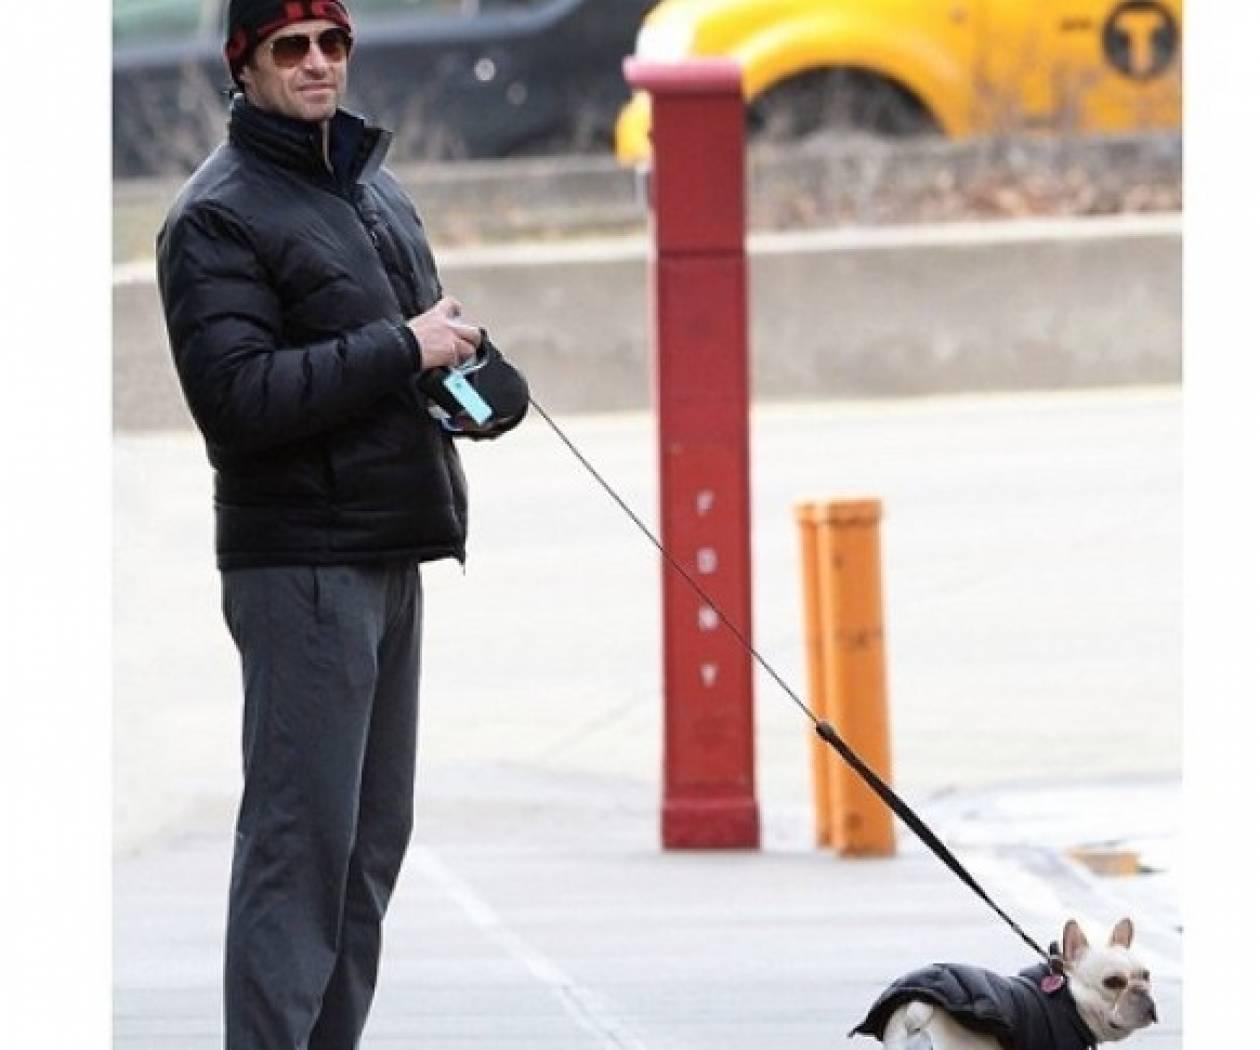 Ο Hugh Jackman και ο σκύλος του πάλι ντύνονται ασορτί (φωτό)